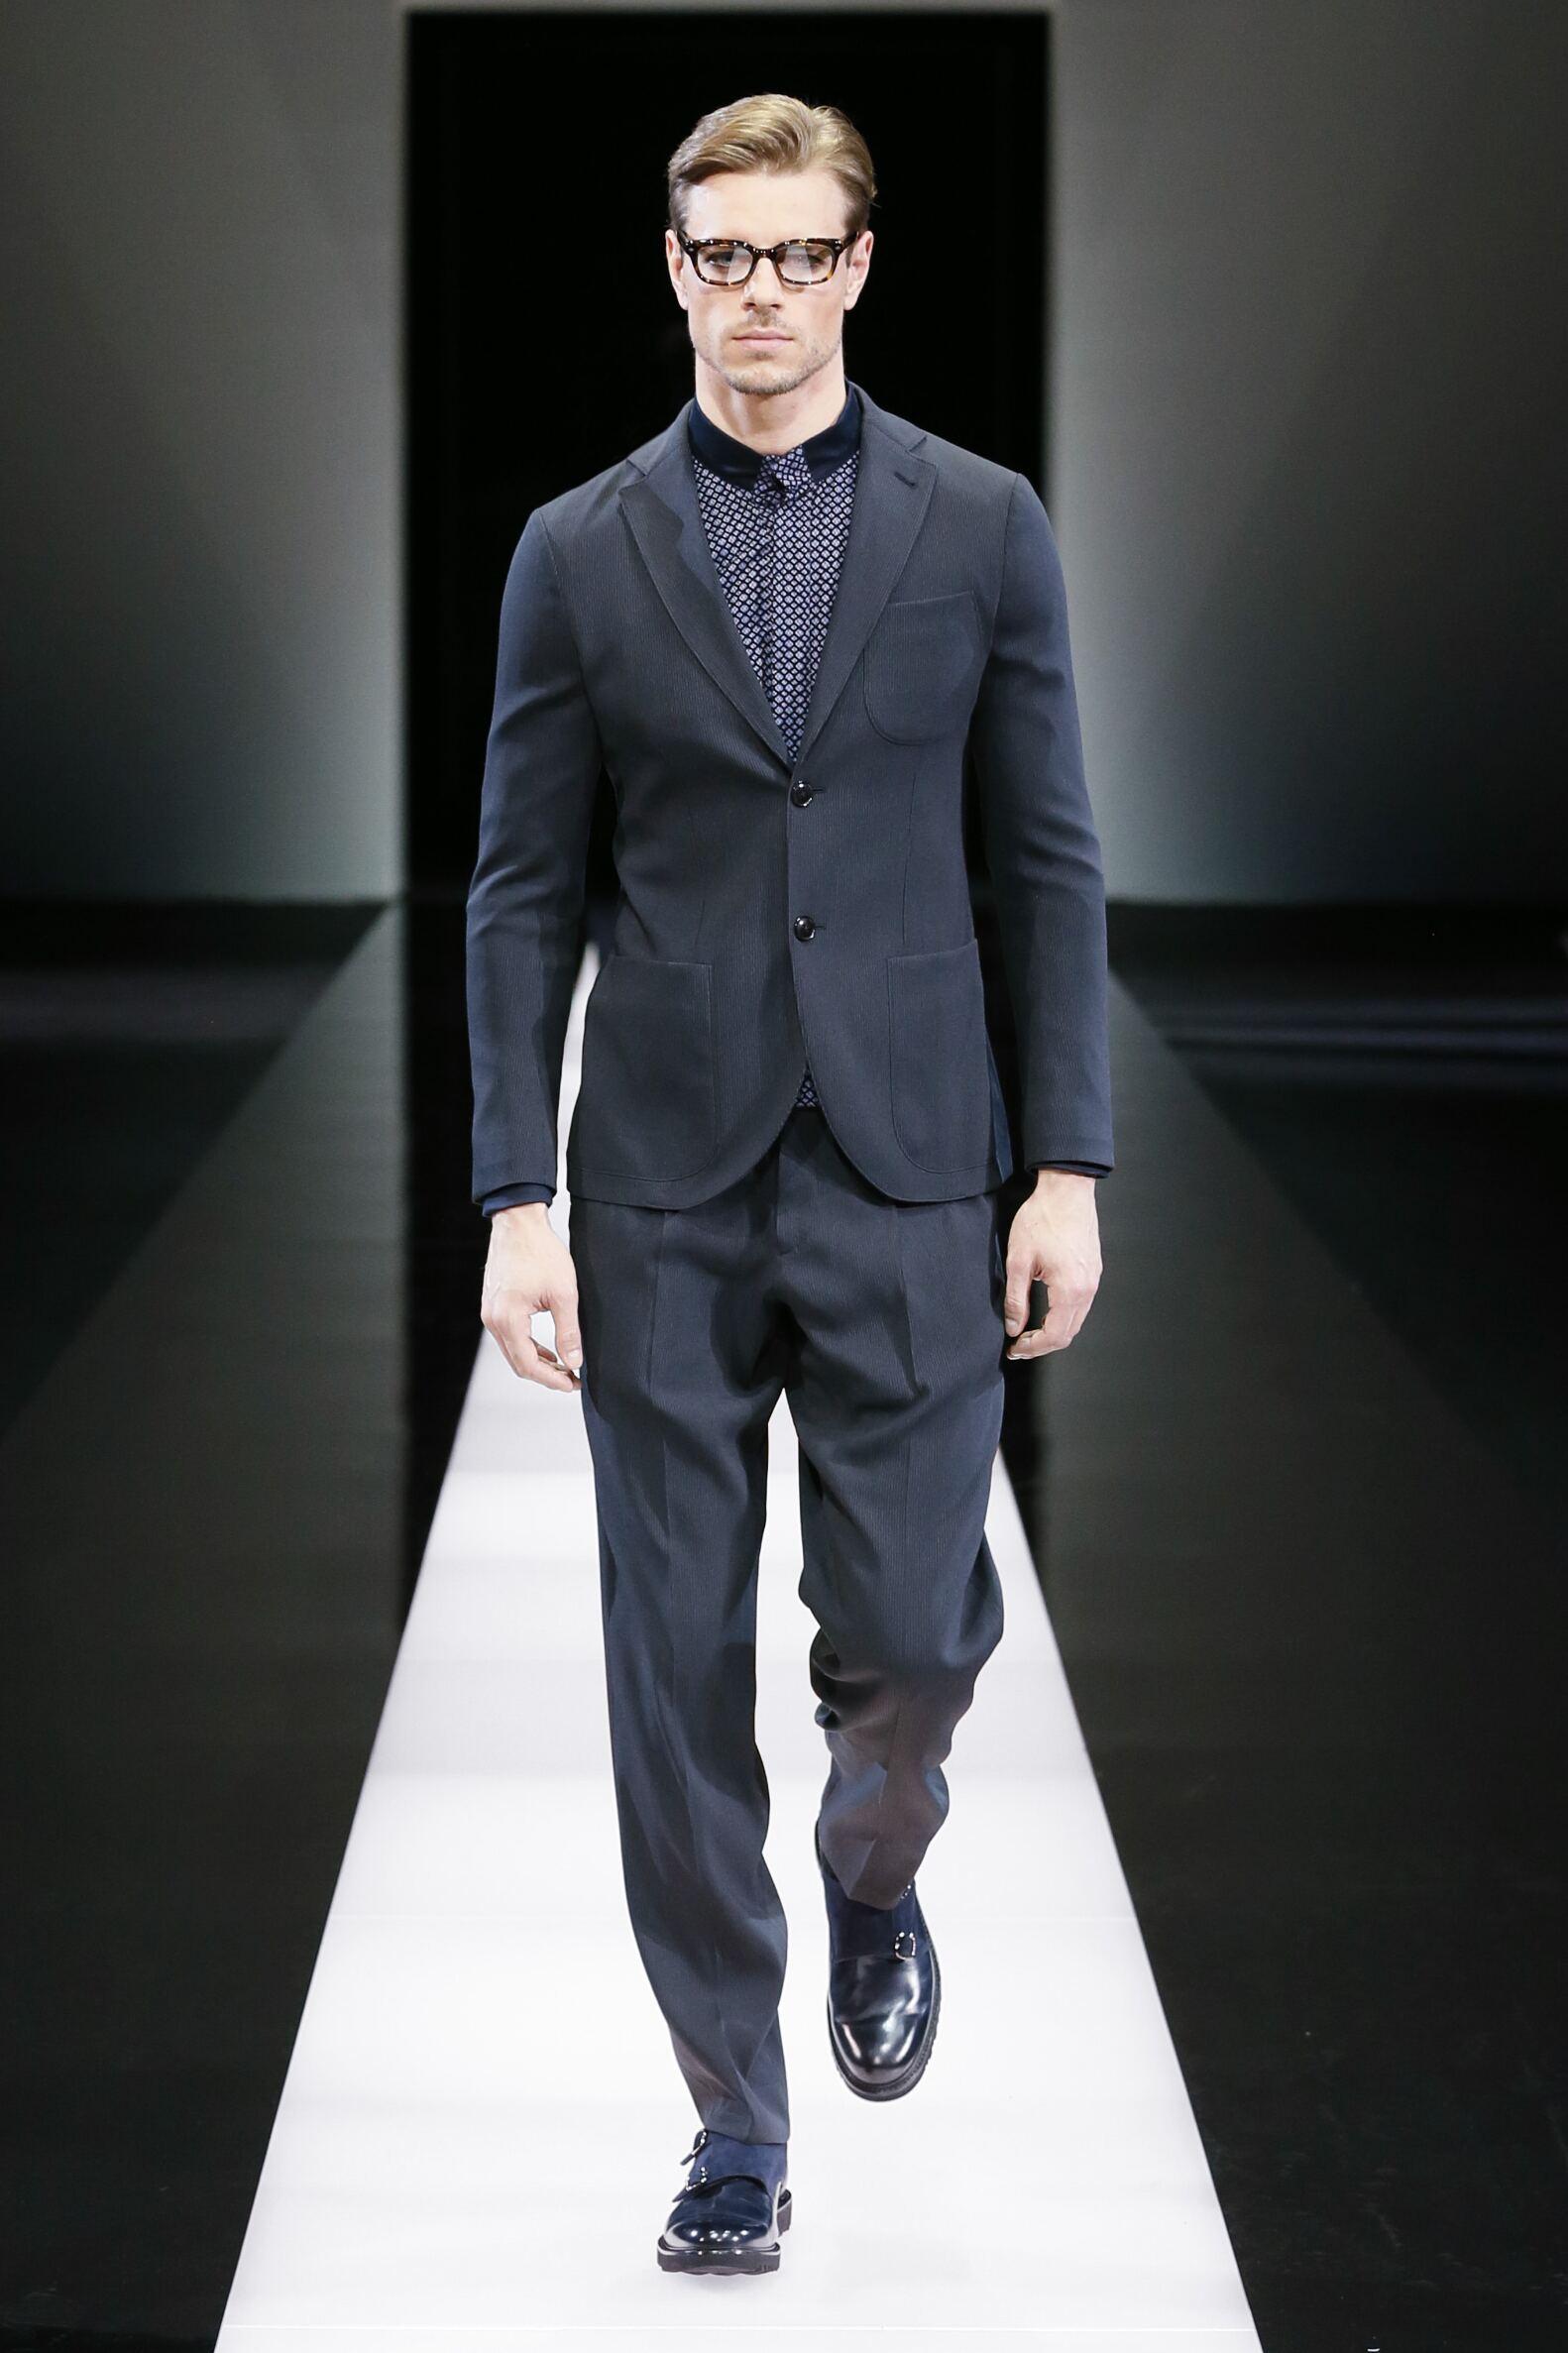 50e1192e927 Giorgio Armani Collection Men s FW 2015 16 Fashion Show